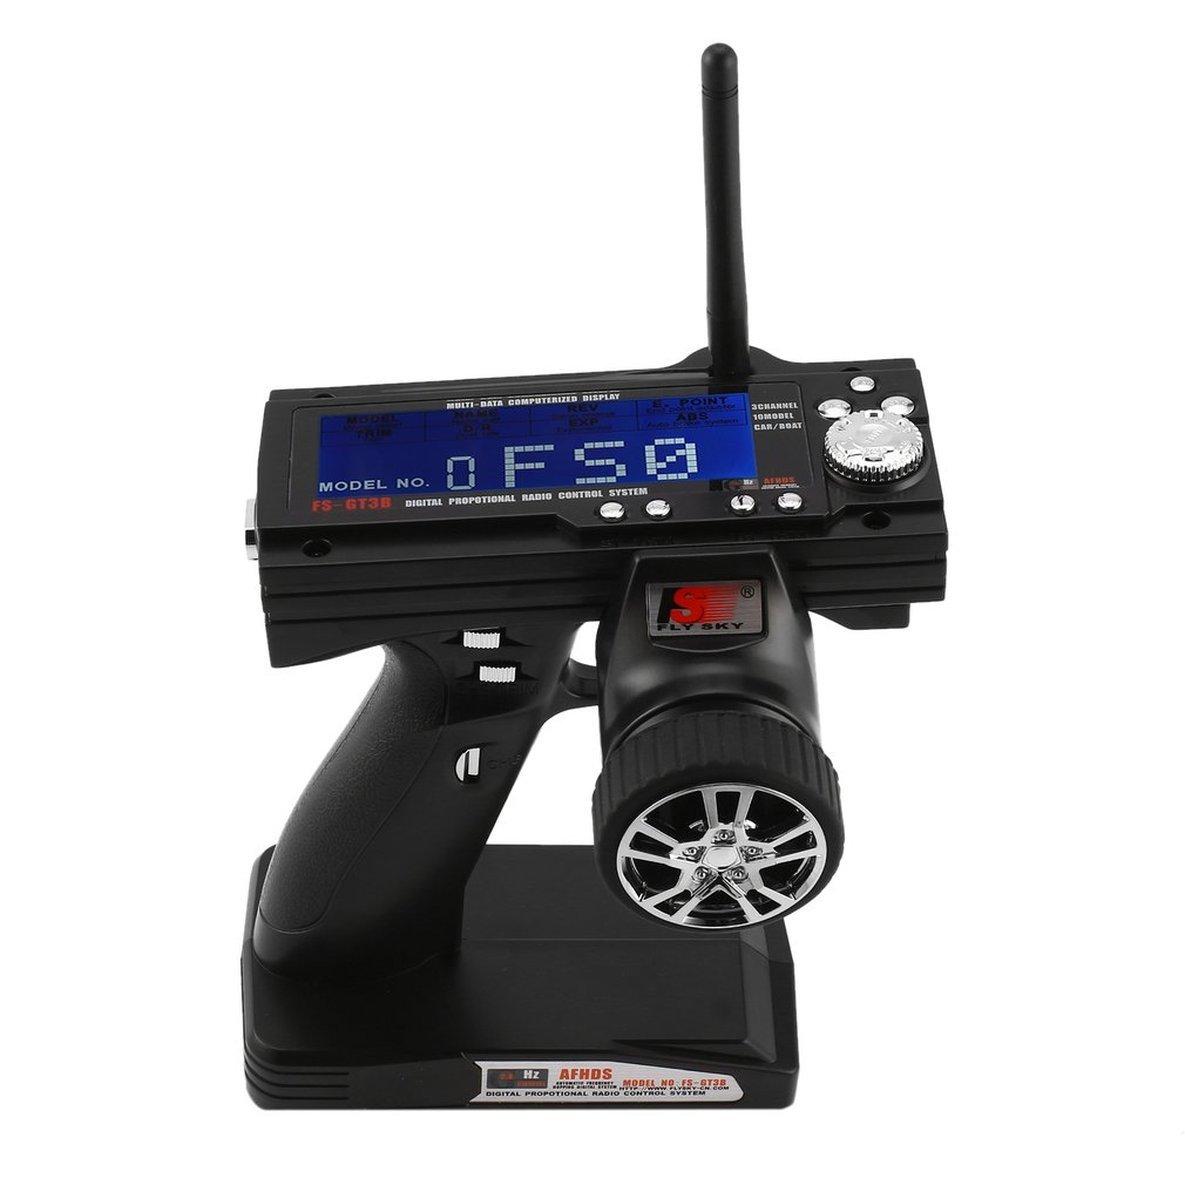 sensibilit/é /élev/ée du r/écepteur Noradtjcca 2.4G 3CH RC /émetteur de contr/ôle de Bateau RC//r/écepteur TX pour la Plupart des mod/èles de contr/ôle Radio